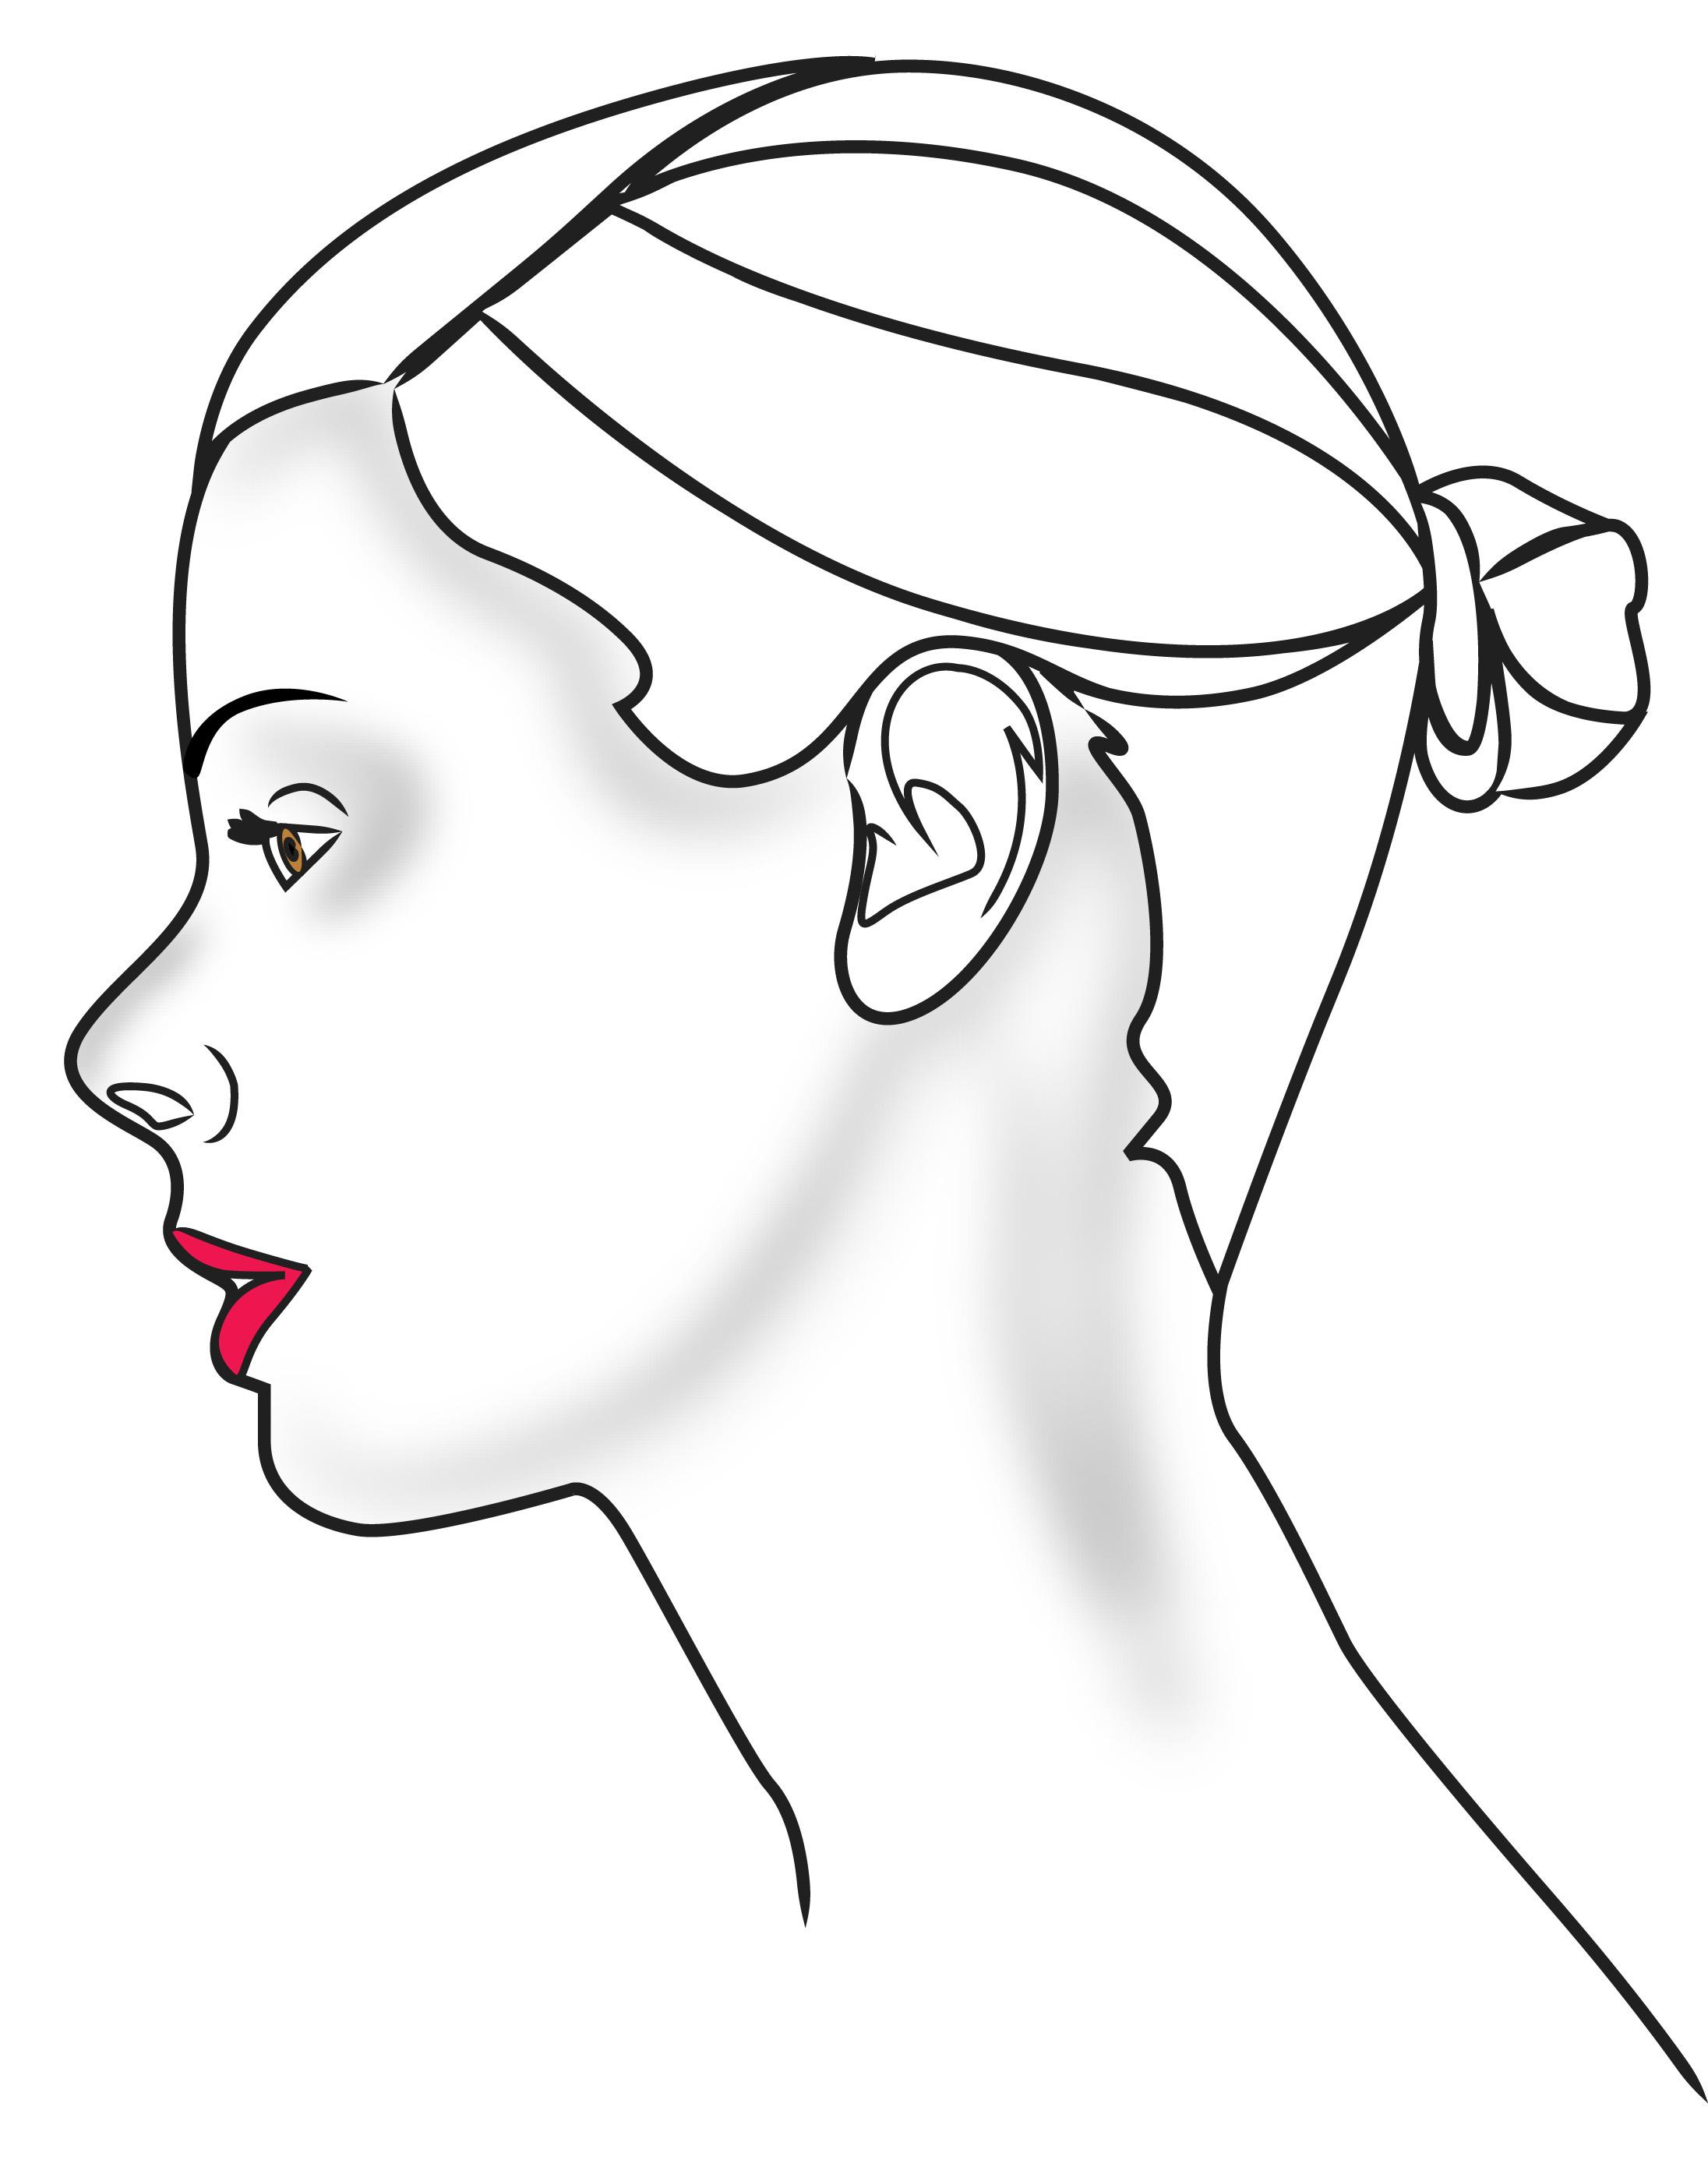 2192x2772 Draw A Human Head Human Head